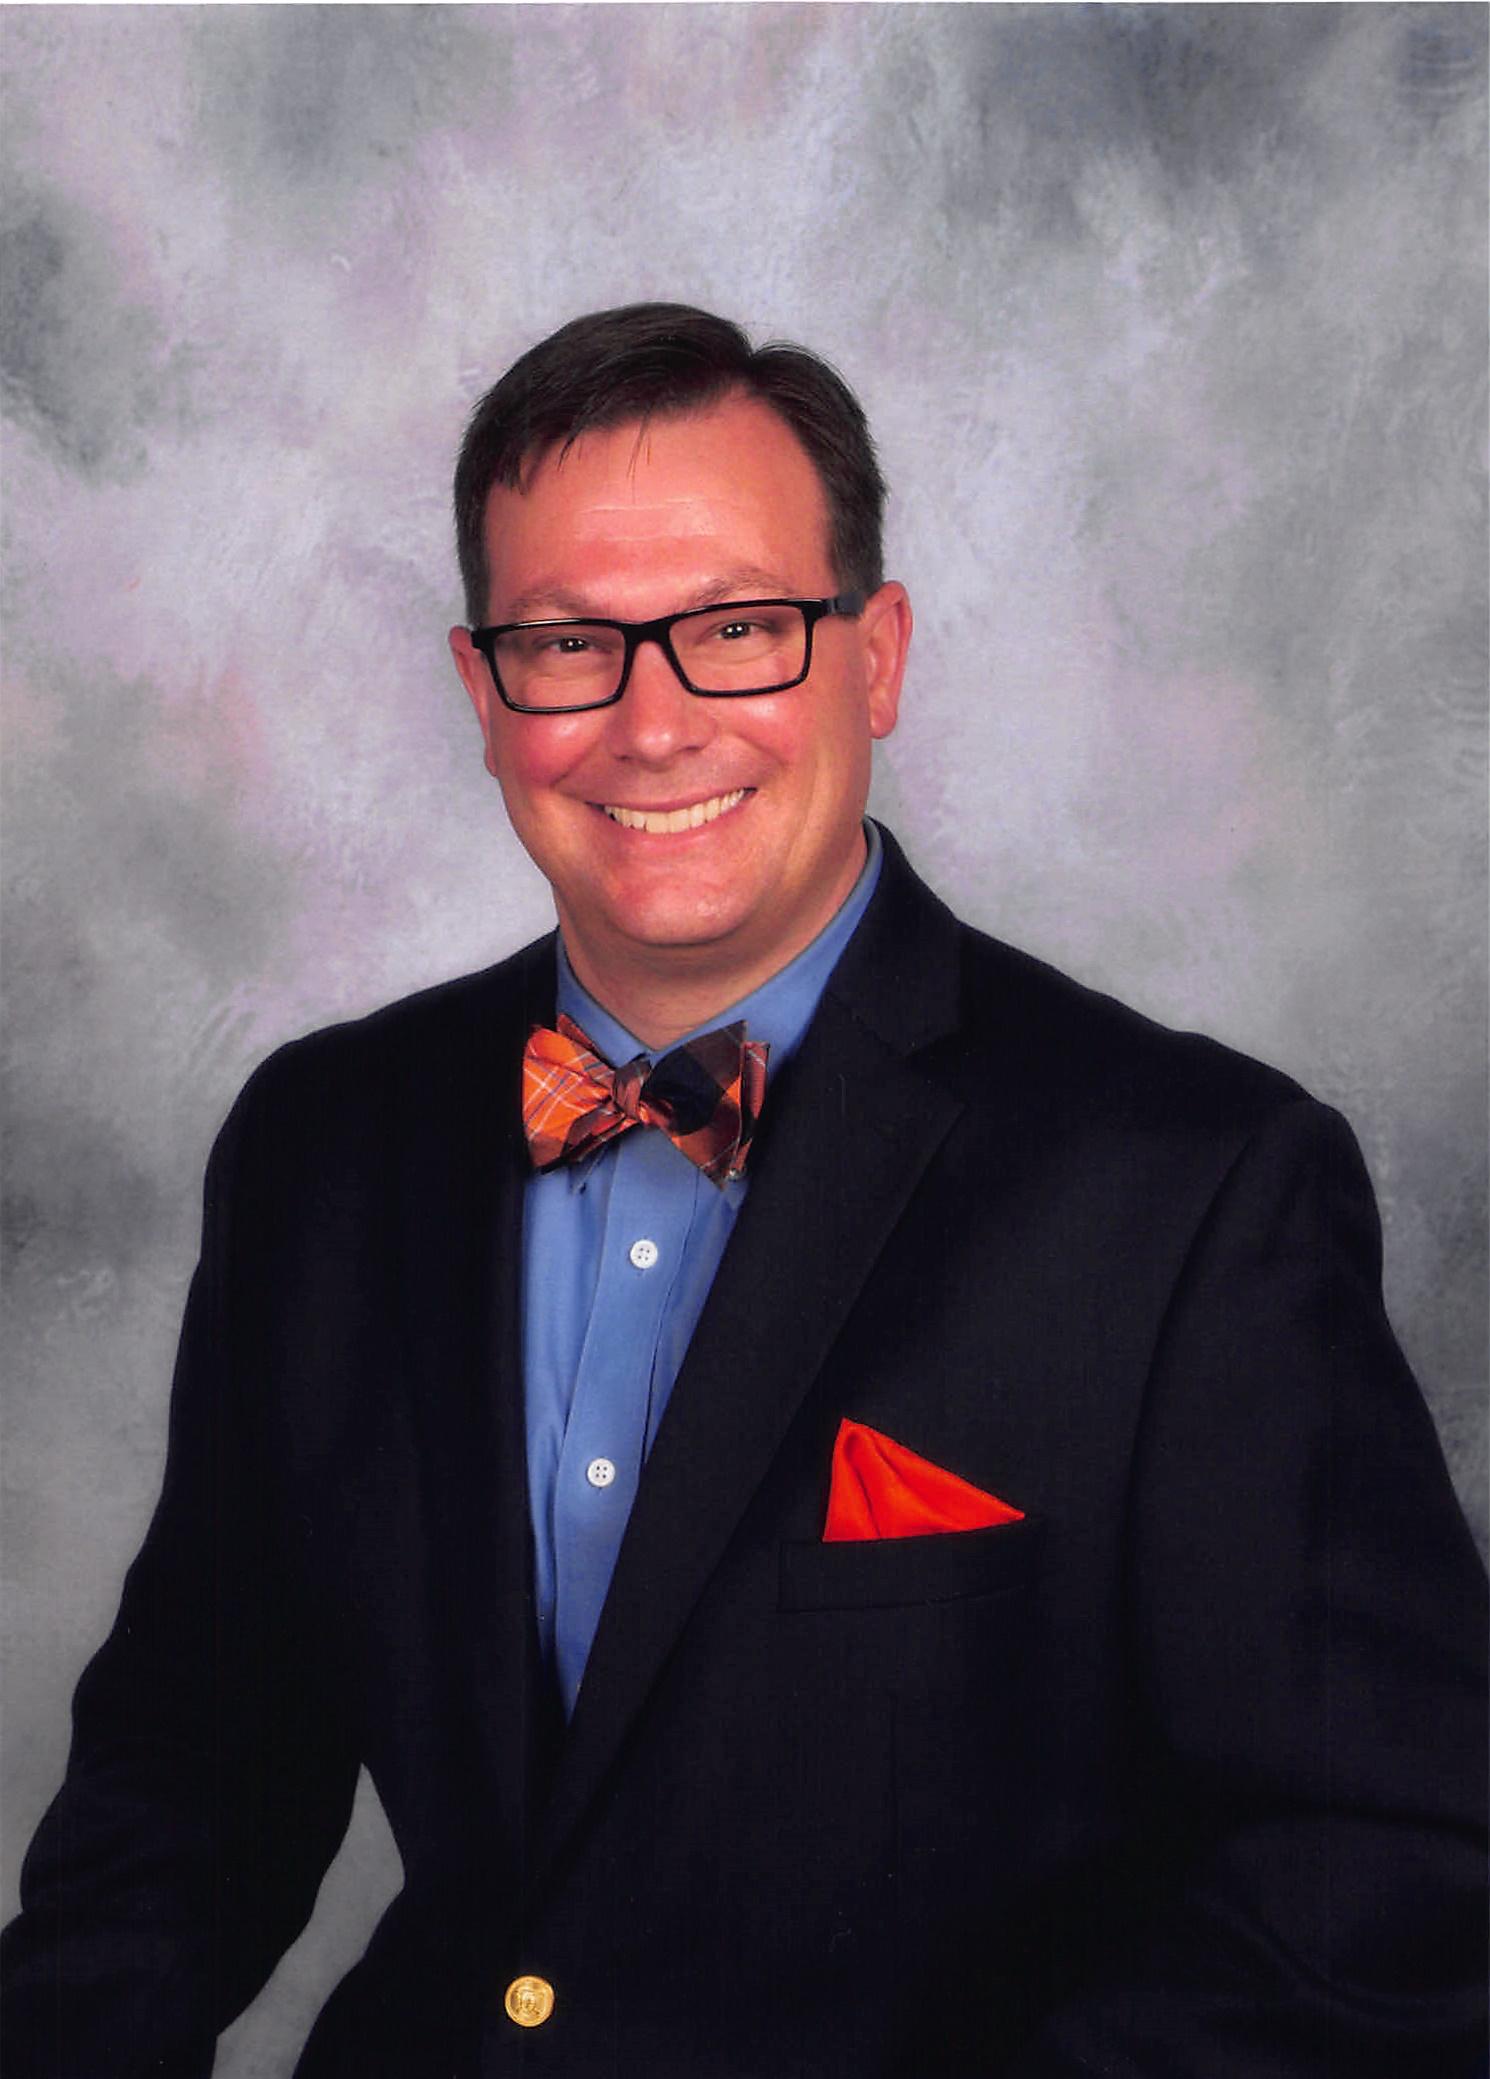 Pastor Dustin Sterrett